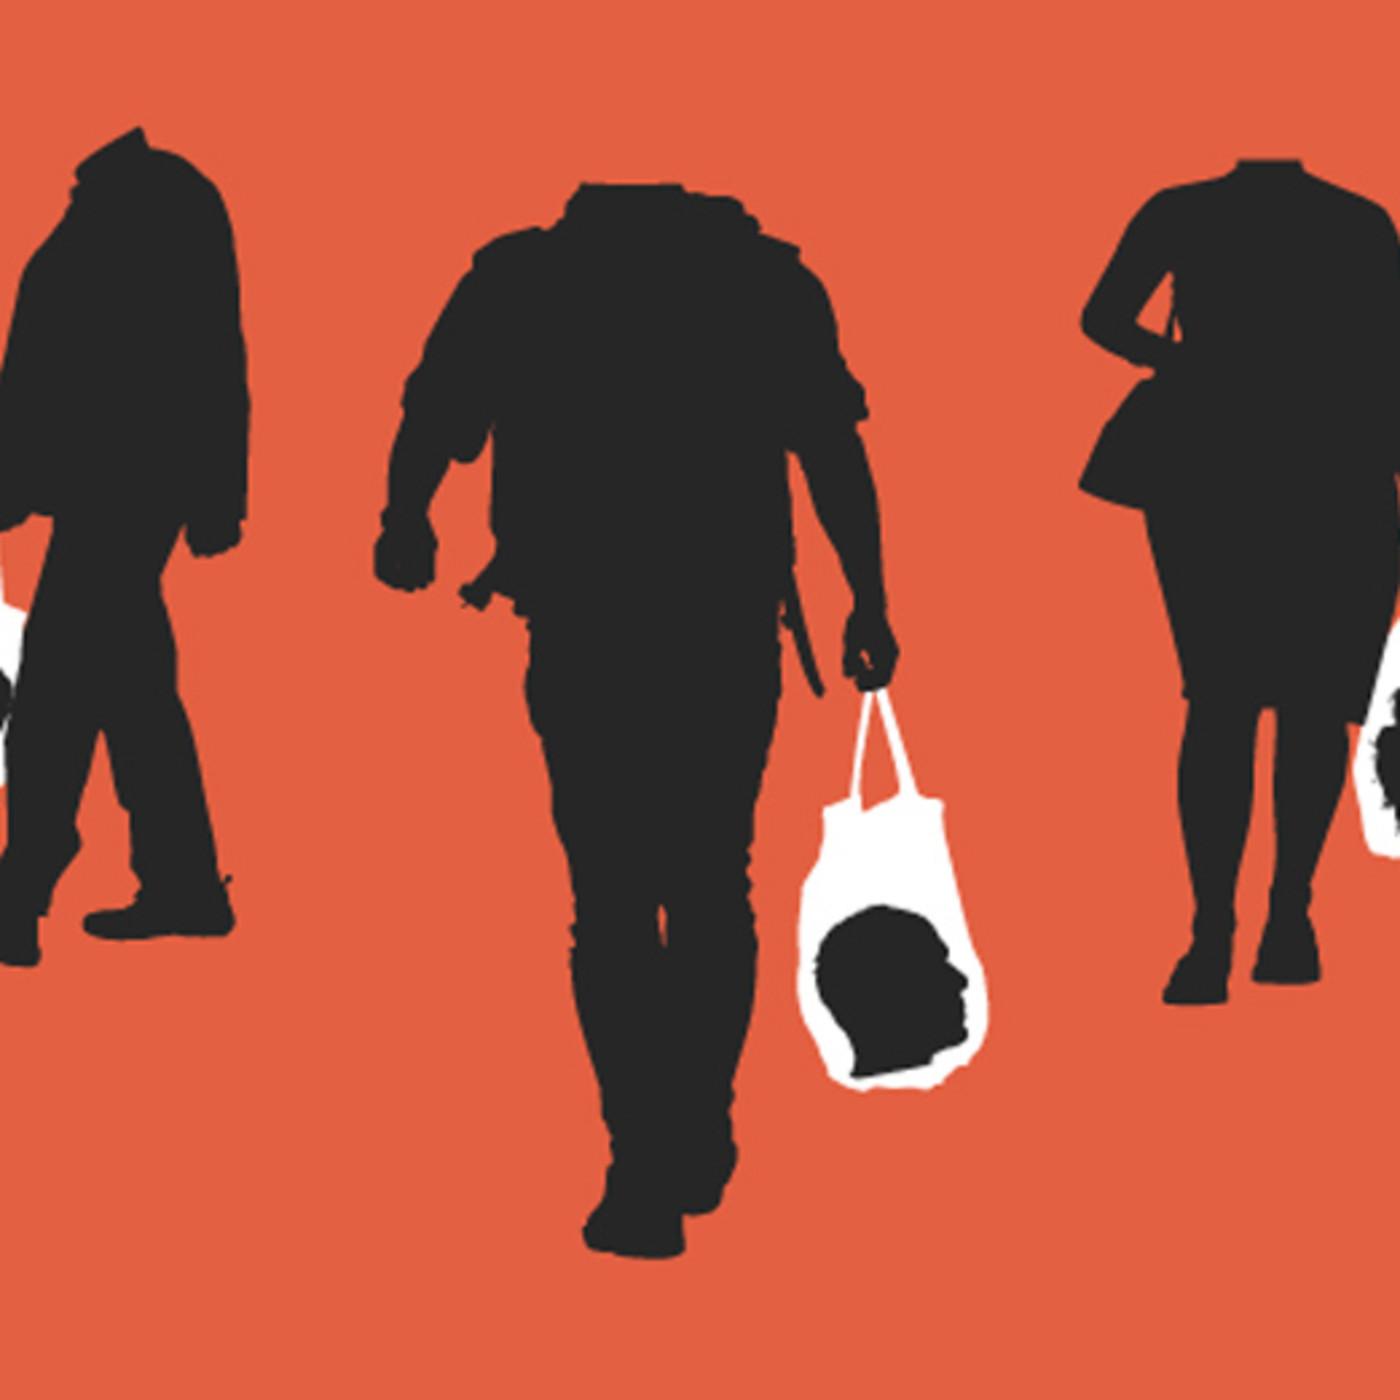 La Ciudad Secreta 69 – A la (in)felicidad por el consumismo